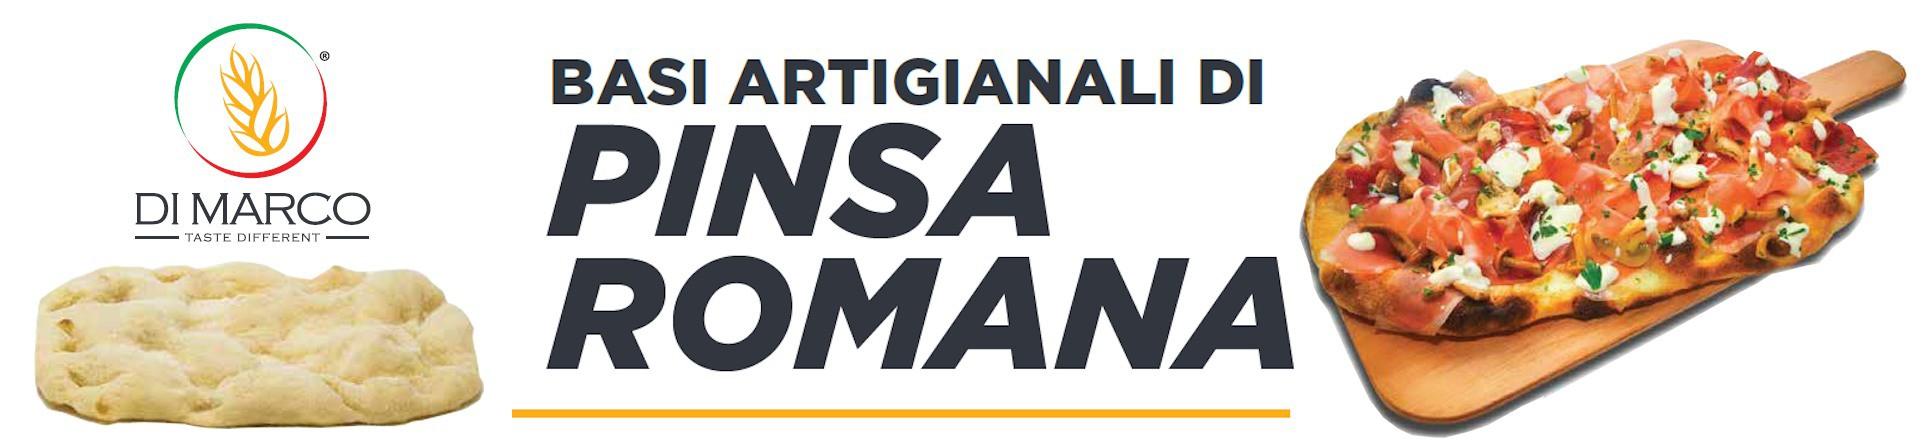 B2B GUSTOX - il Marketplace all'ingrosso delle eccellenze agroalimentari italiane - PINSA ROMANA - DI MARCO